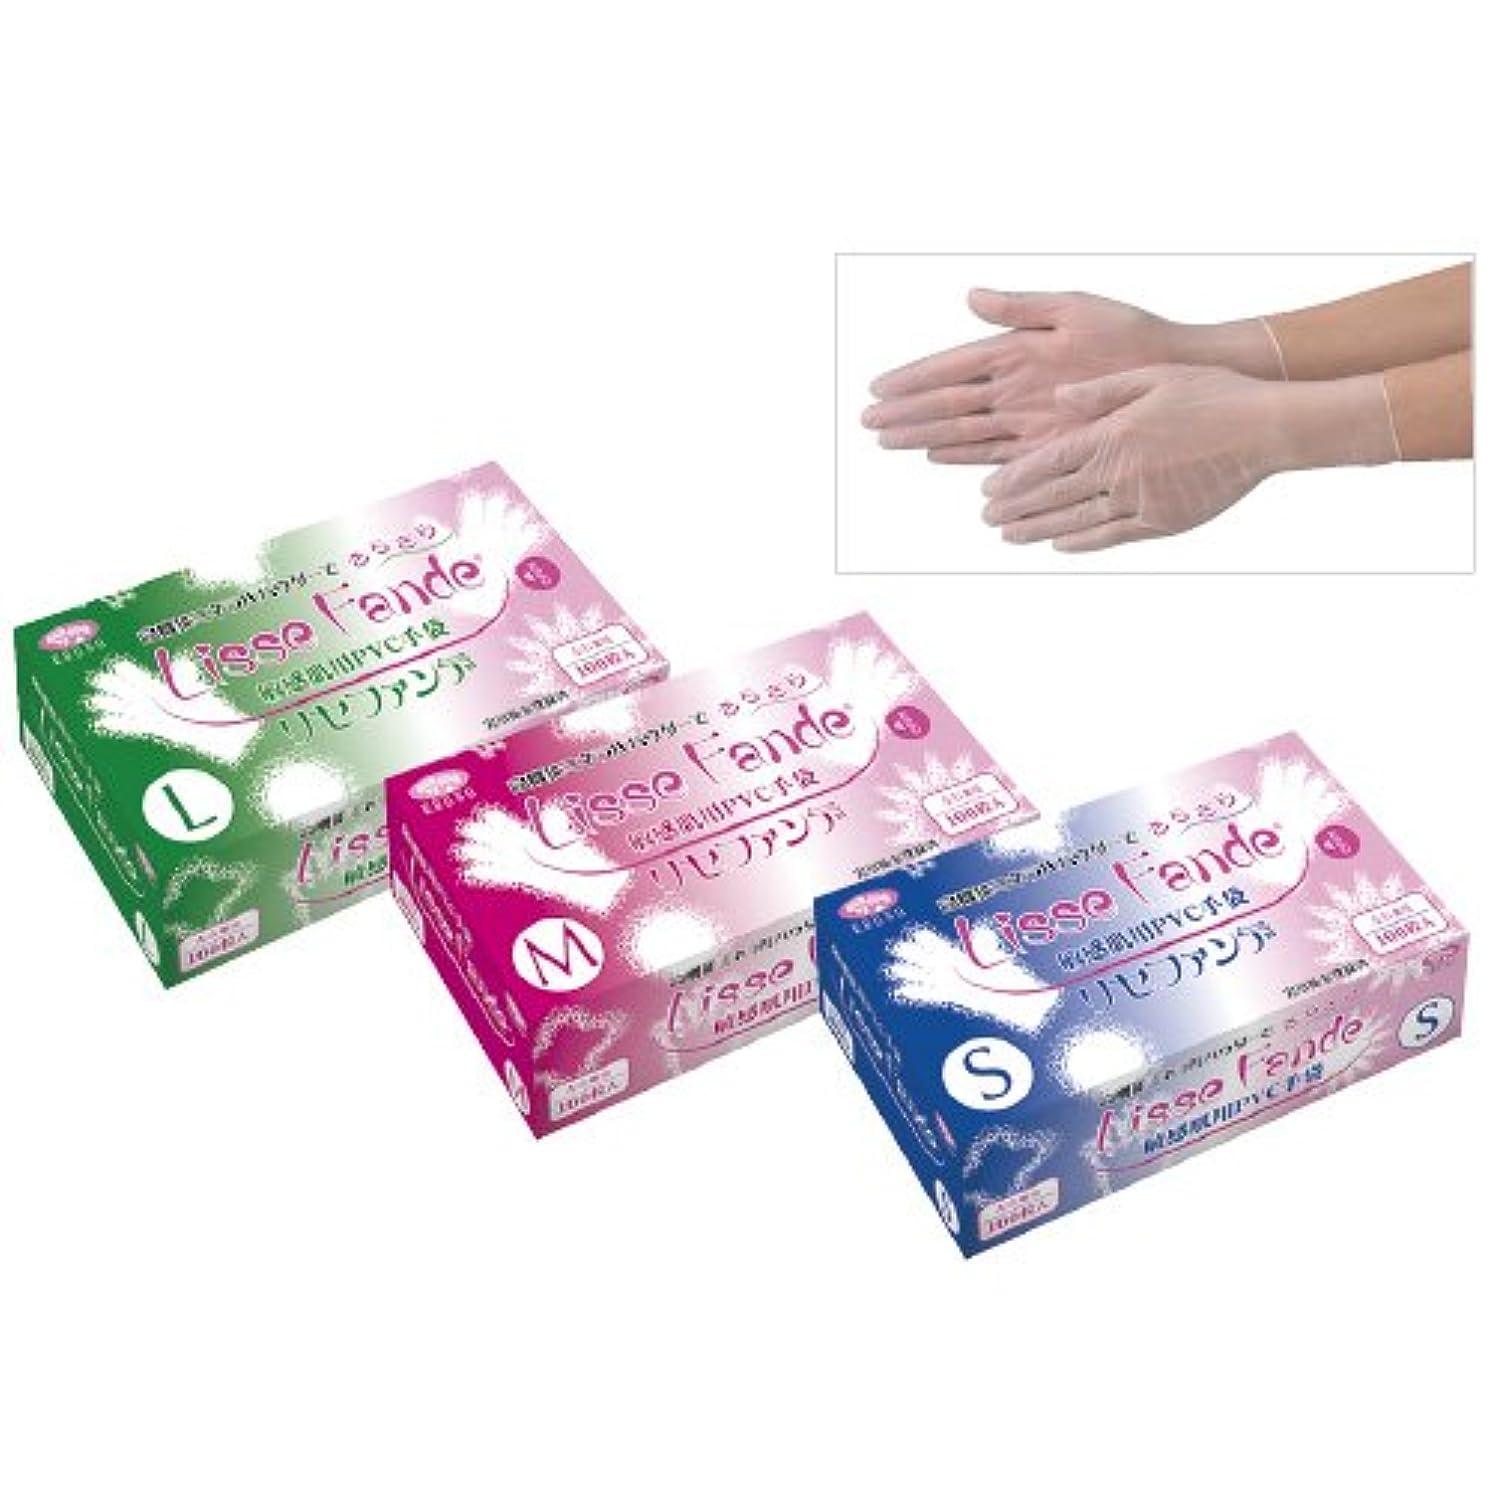 満員記念碑的な貧しい敏感肌用PVC手袋リセファンデ 117(L)100???? ??????????PVC??????(24-4373-02)【エブノ】[20箱単位]